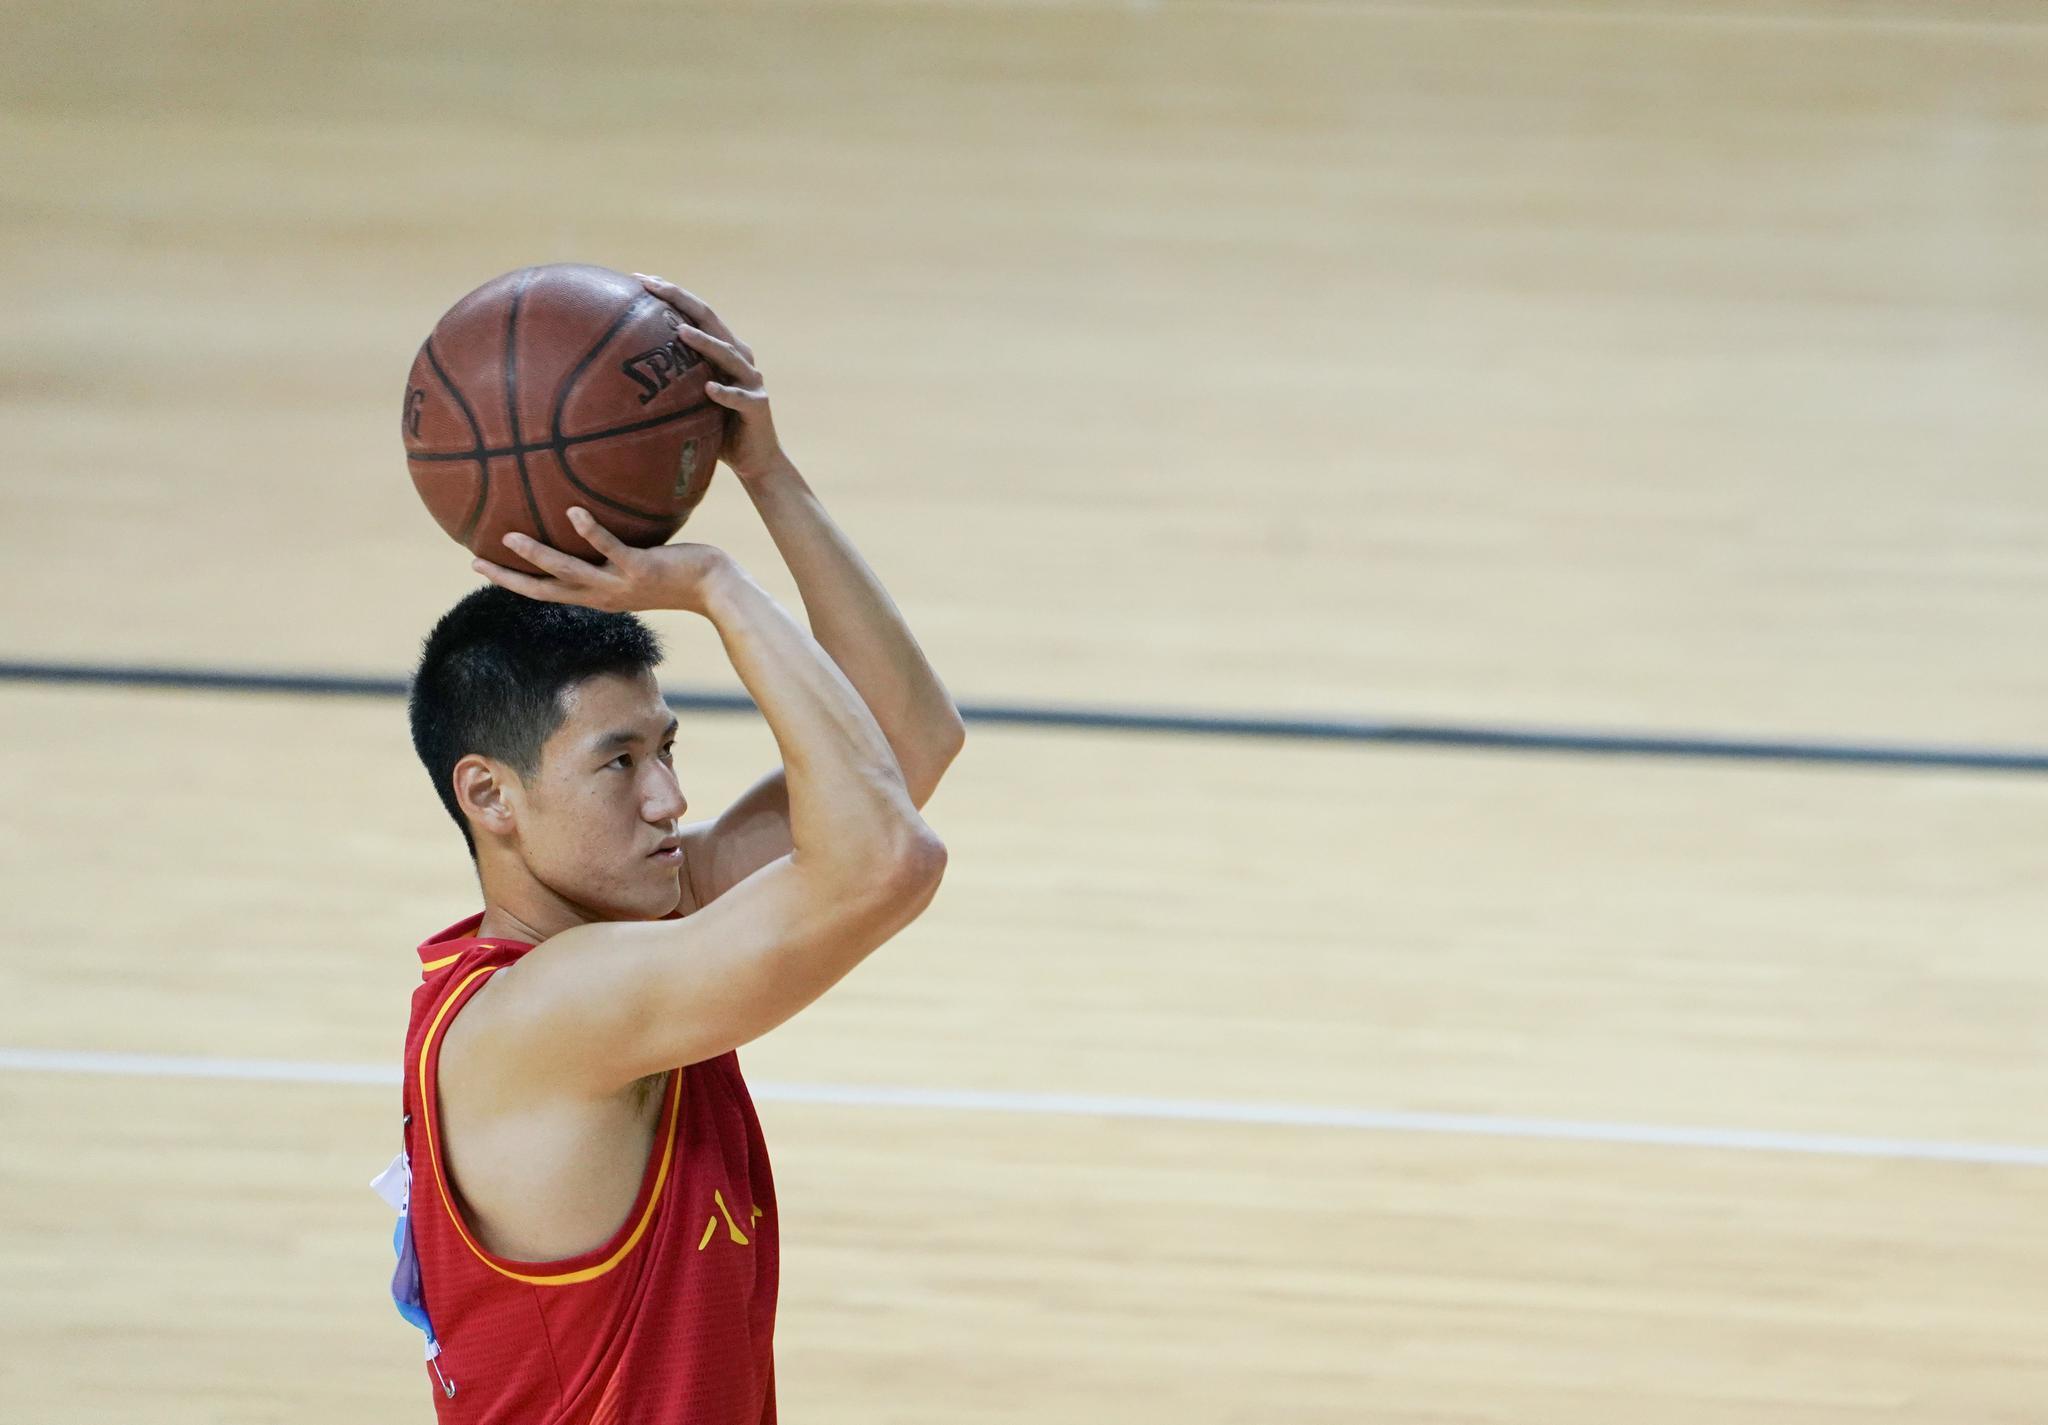 军运会|空军五项篮球项目中国队包揽男、女个人第一